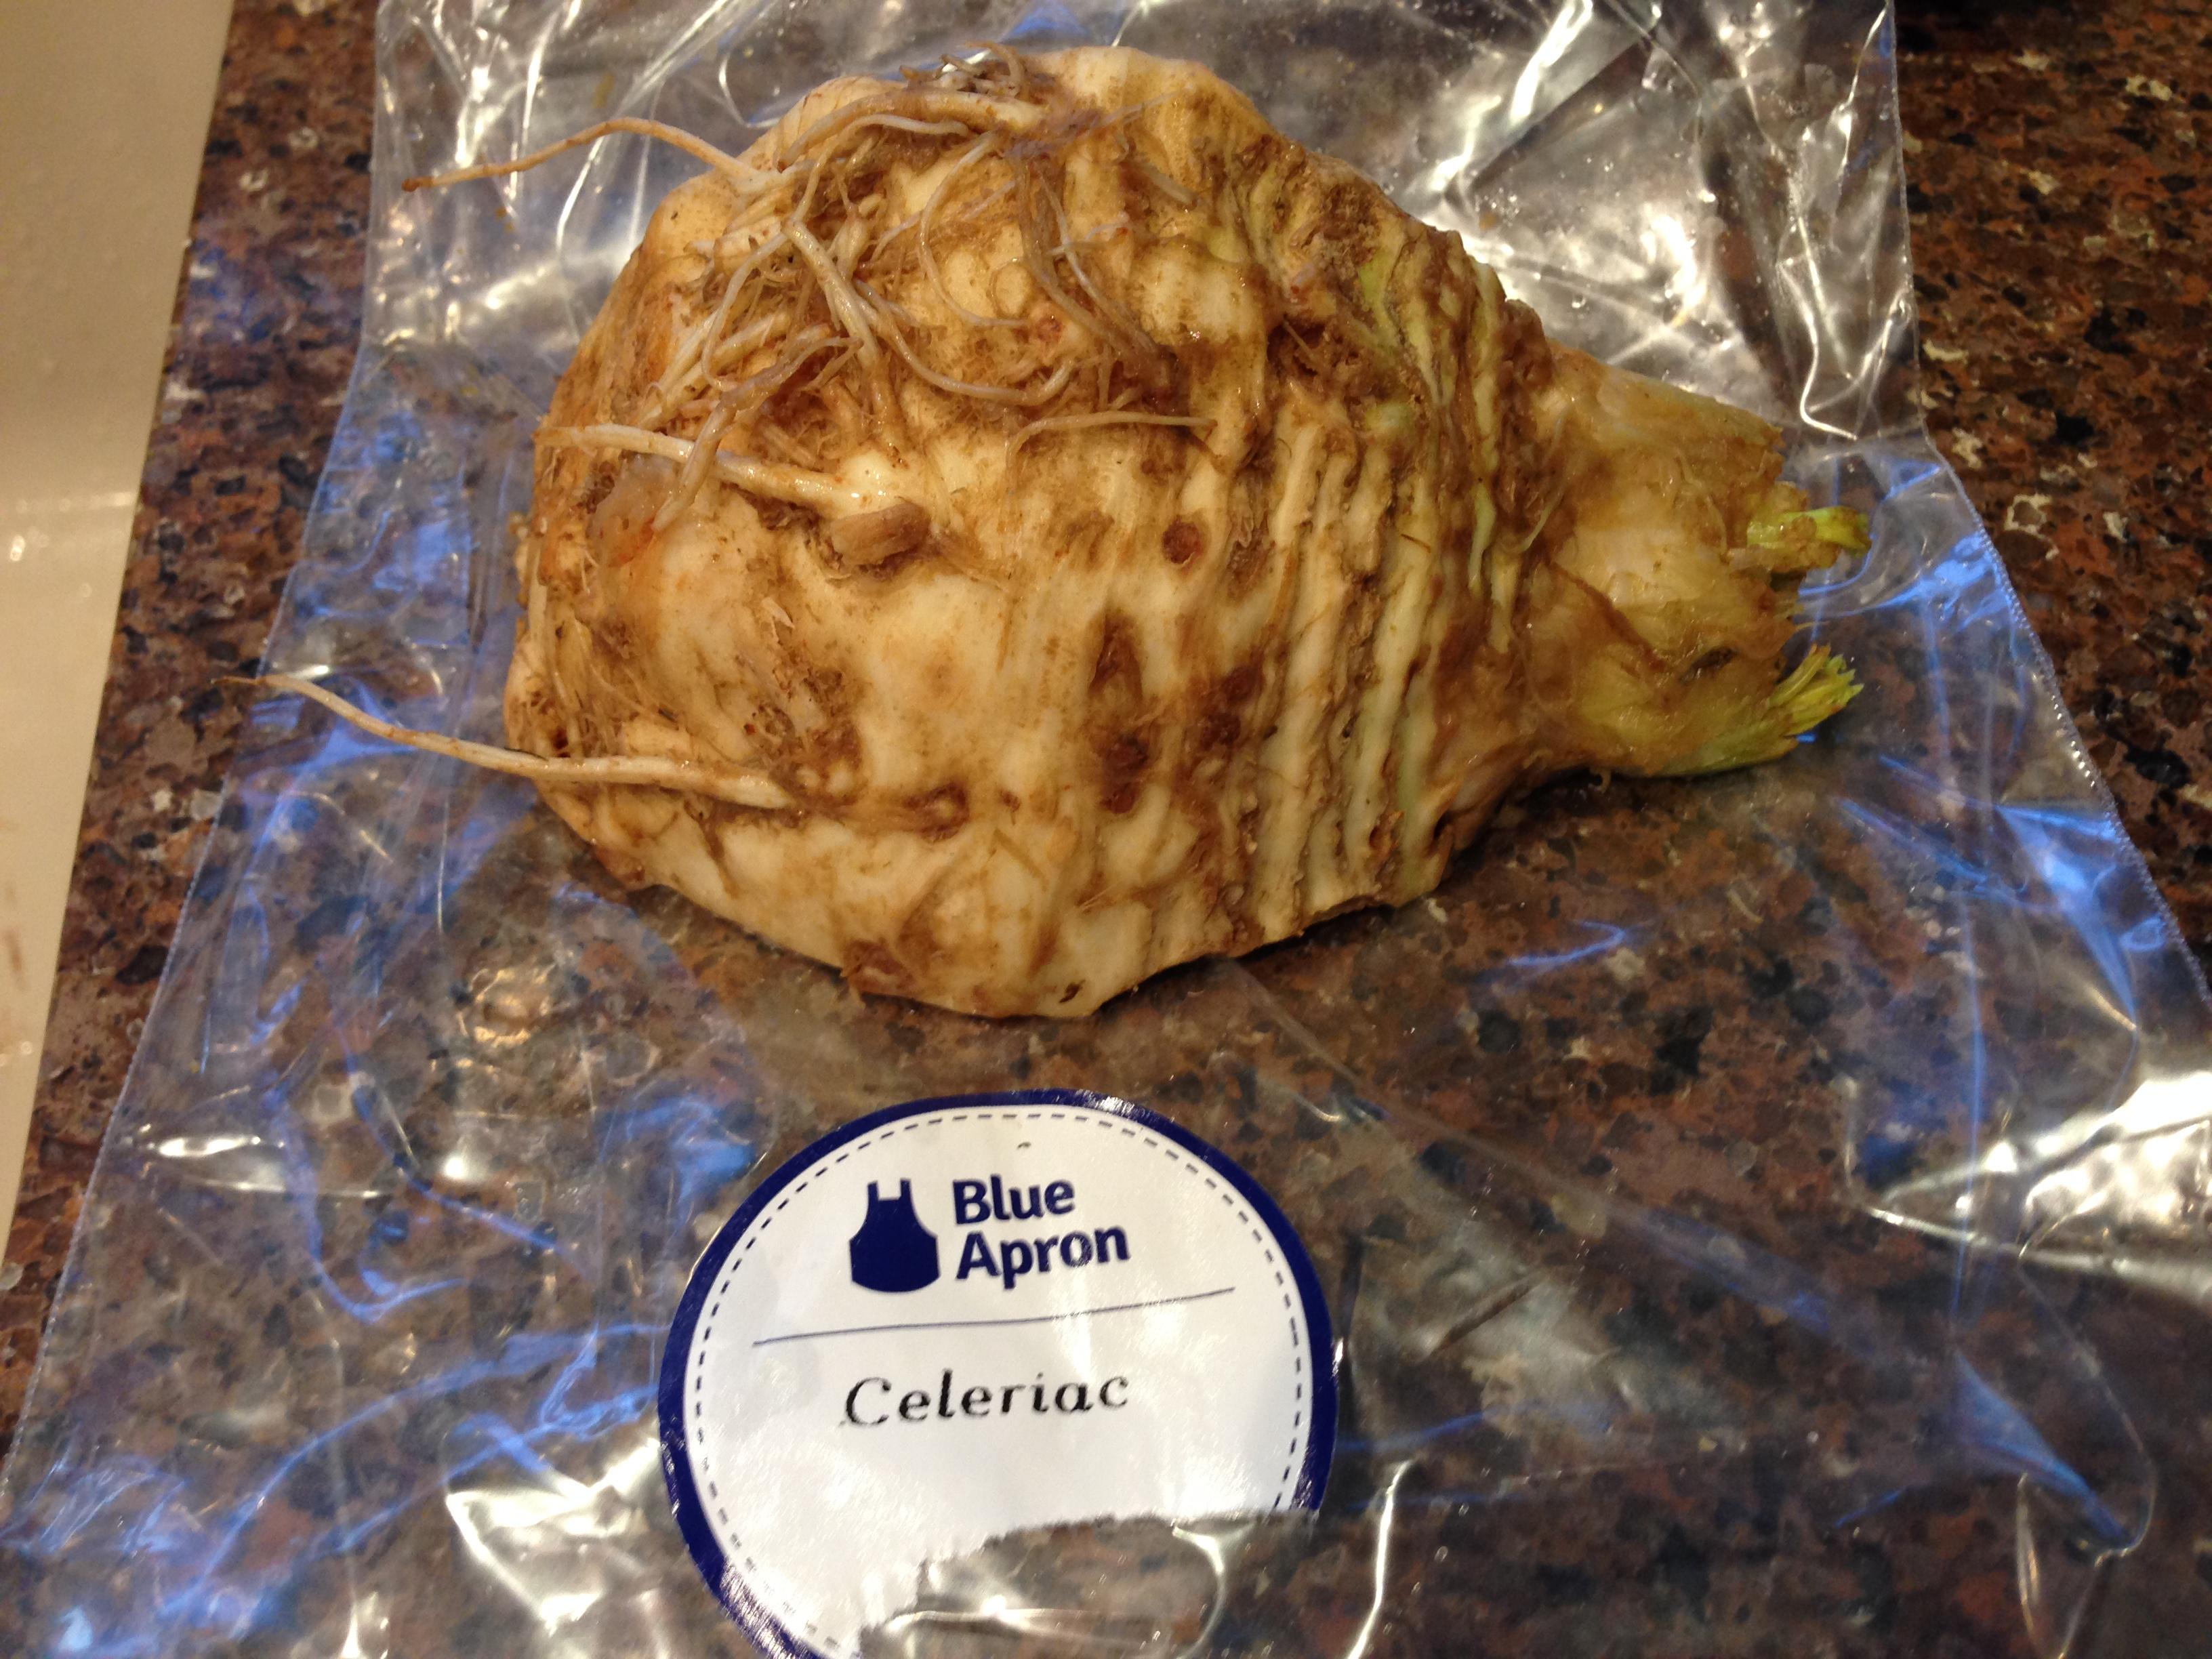 Blue apron zester - 2015 05 01 Dukkah Spiced Salmon2